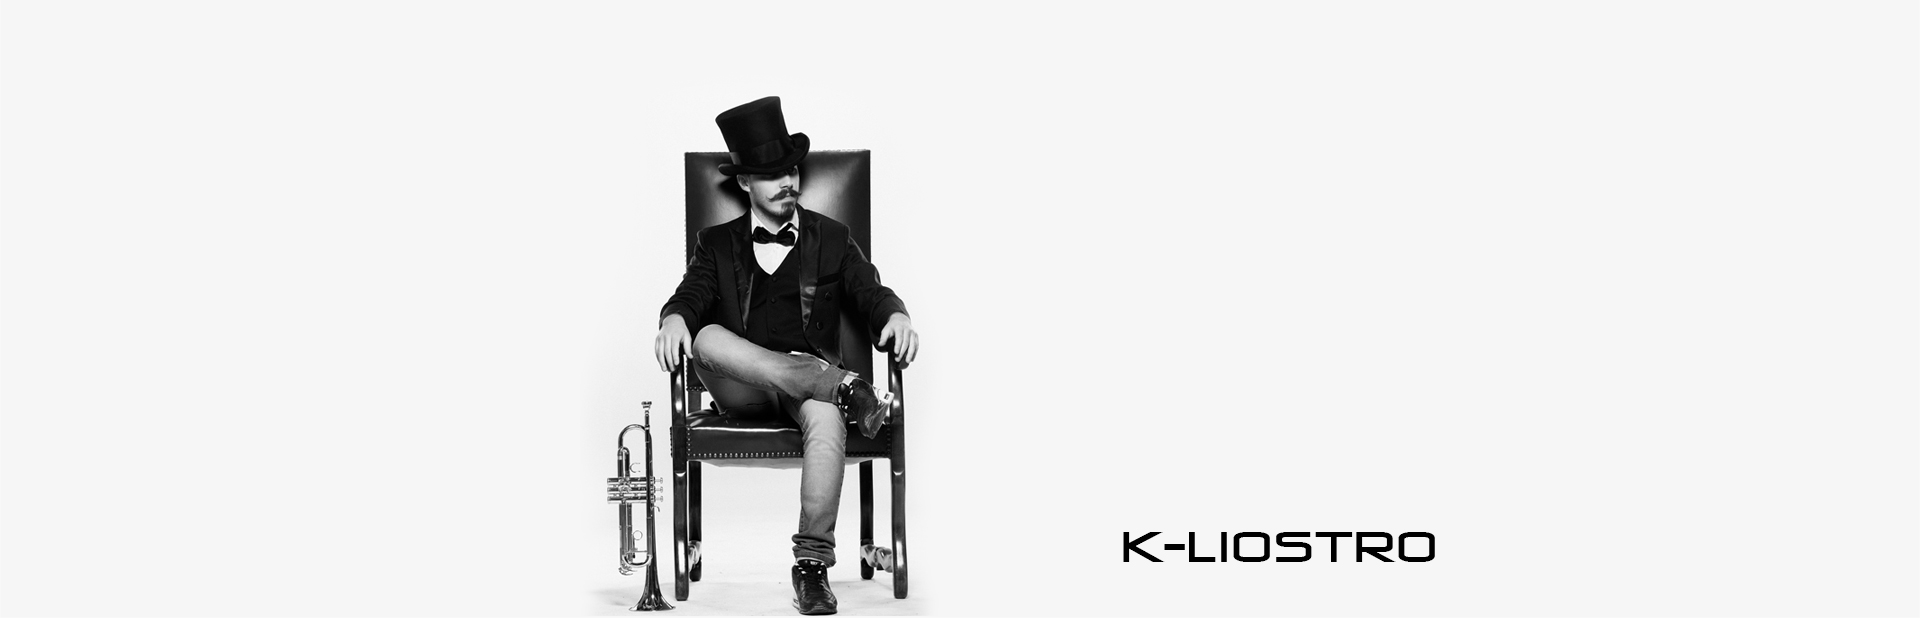 K-Liostro